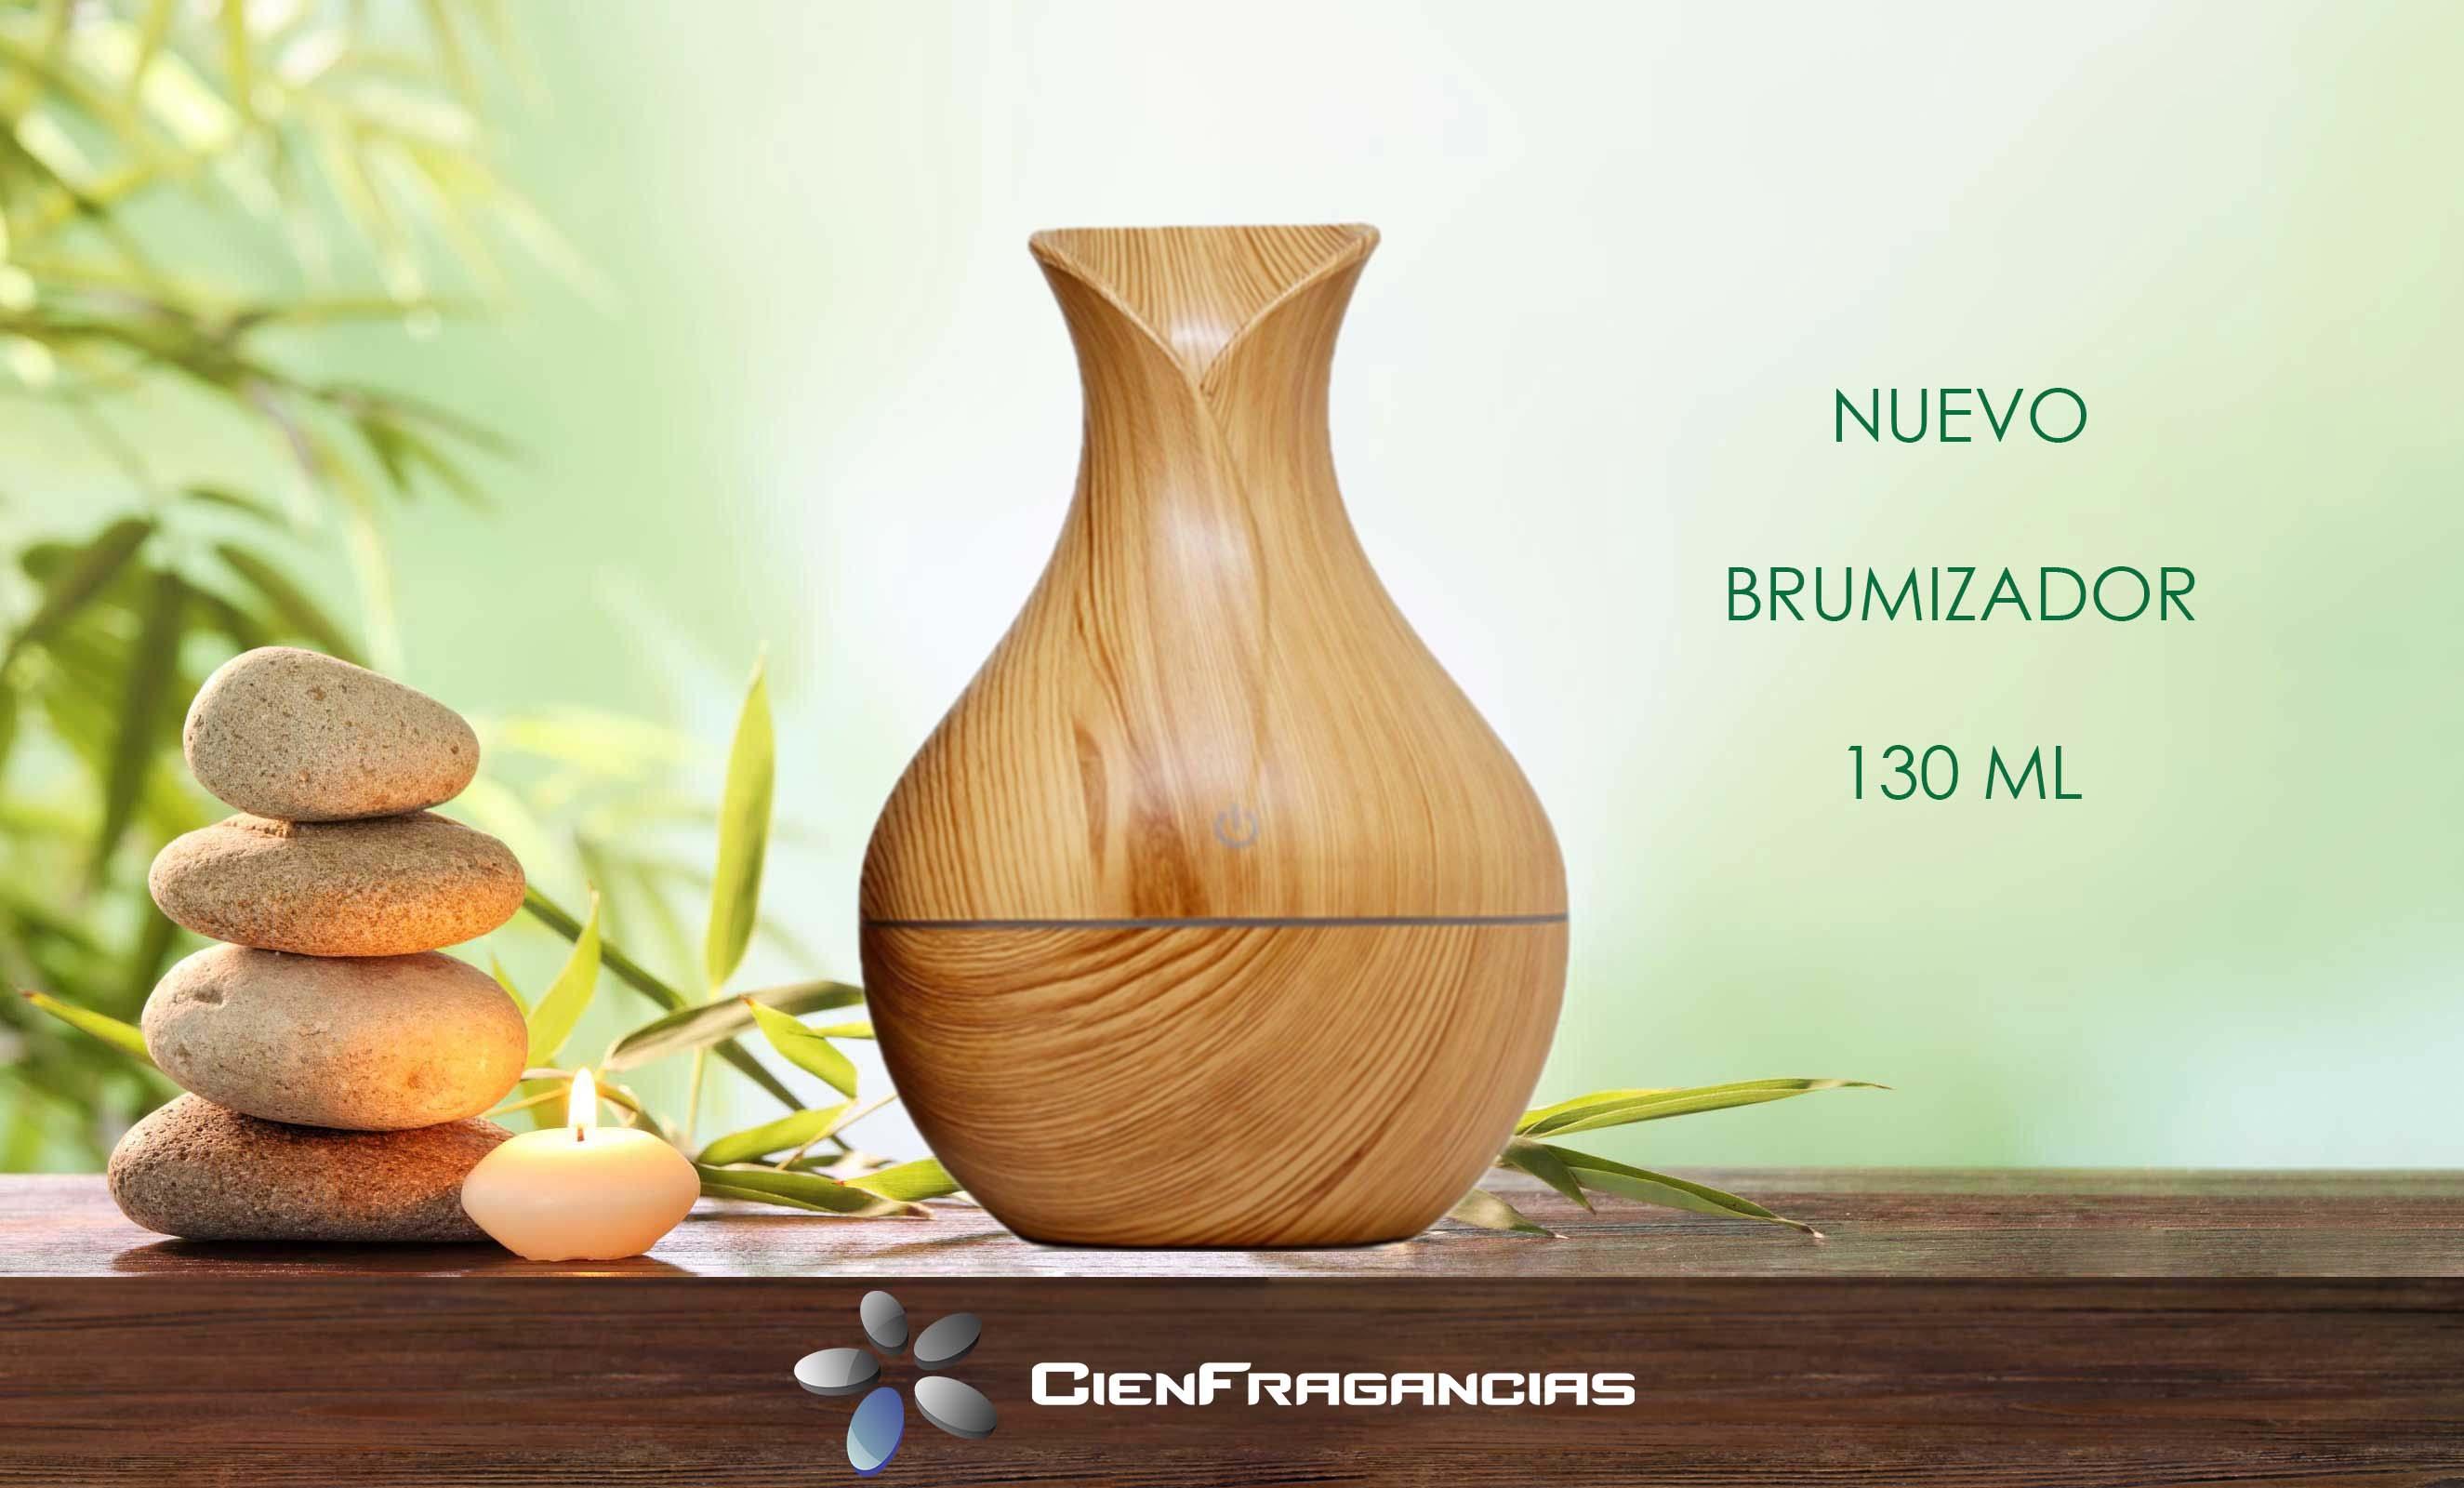 BRUMI-MADERA-2020021211311.jpg